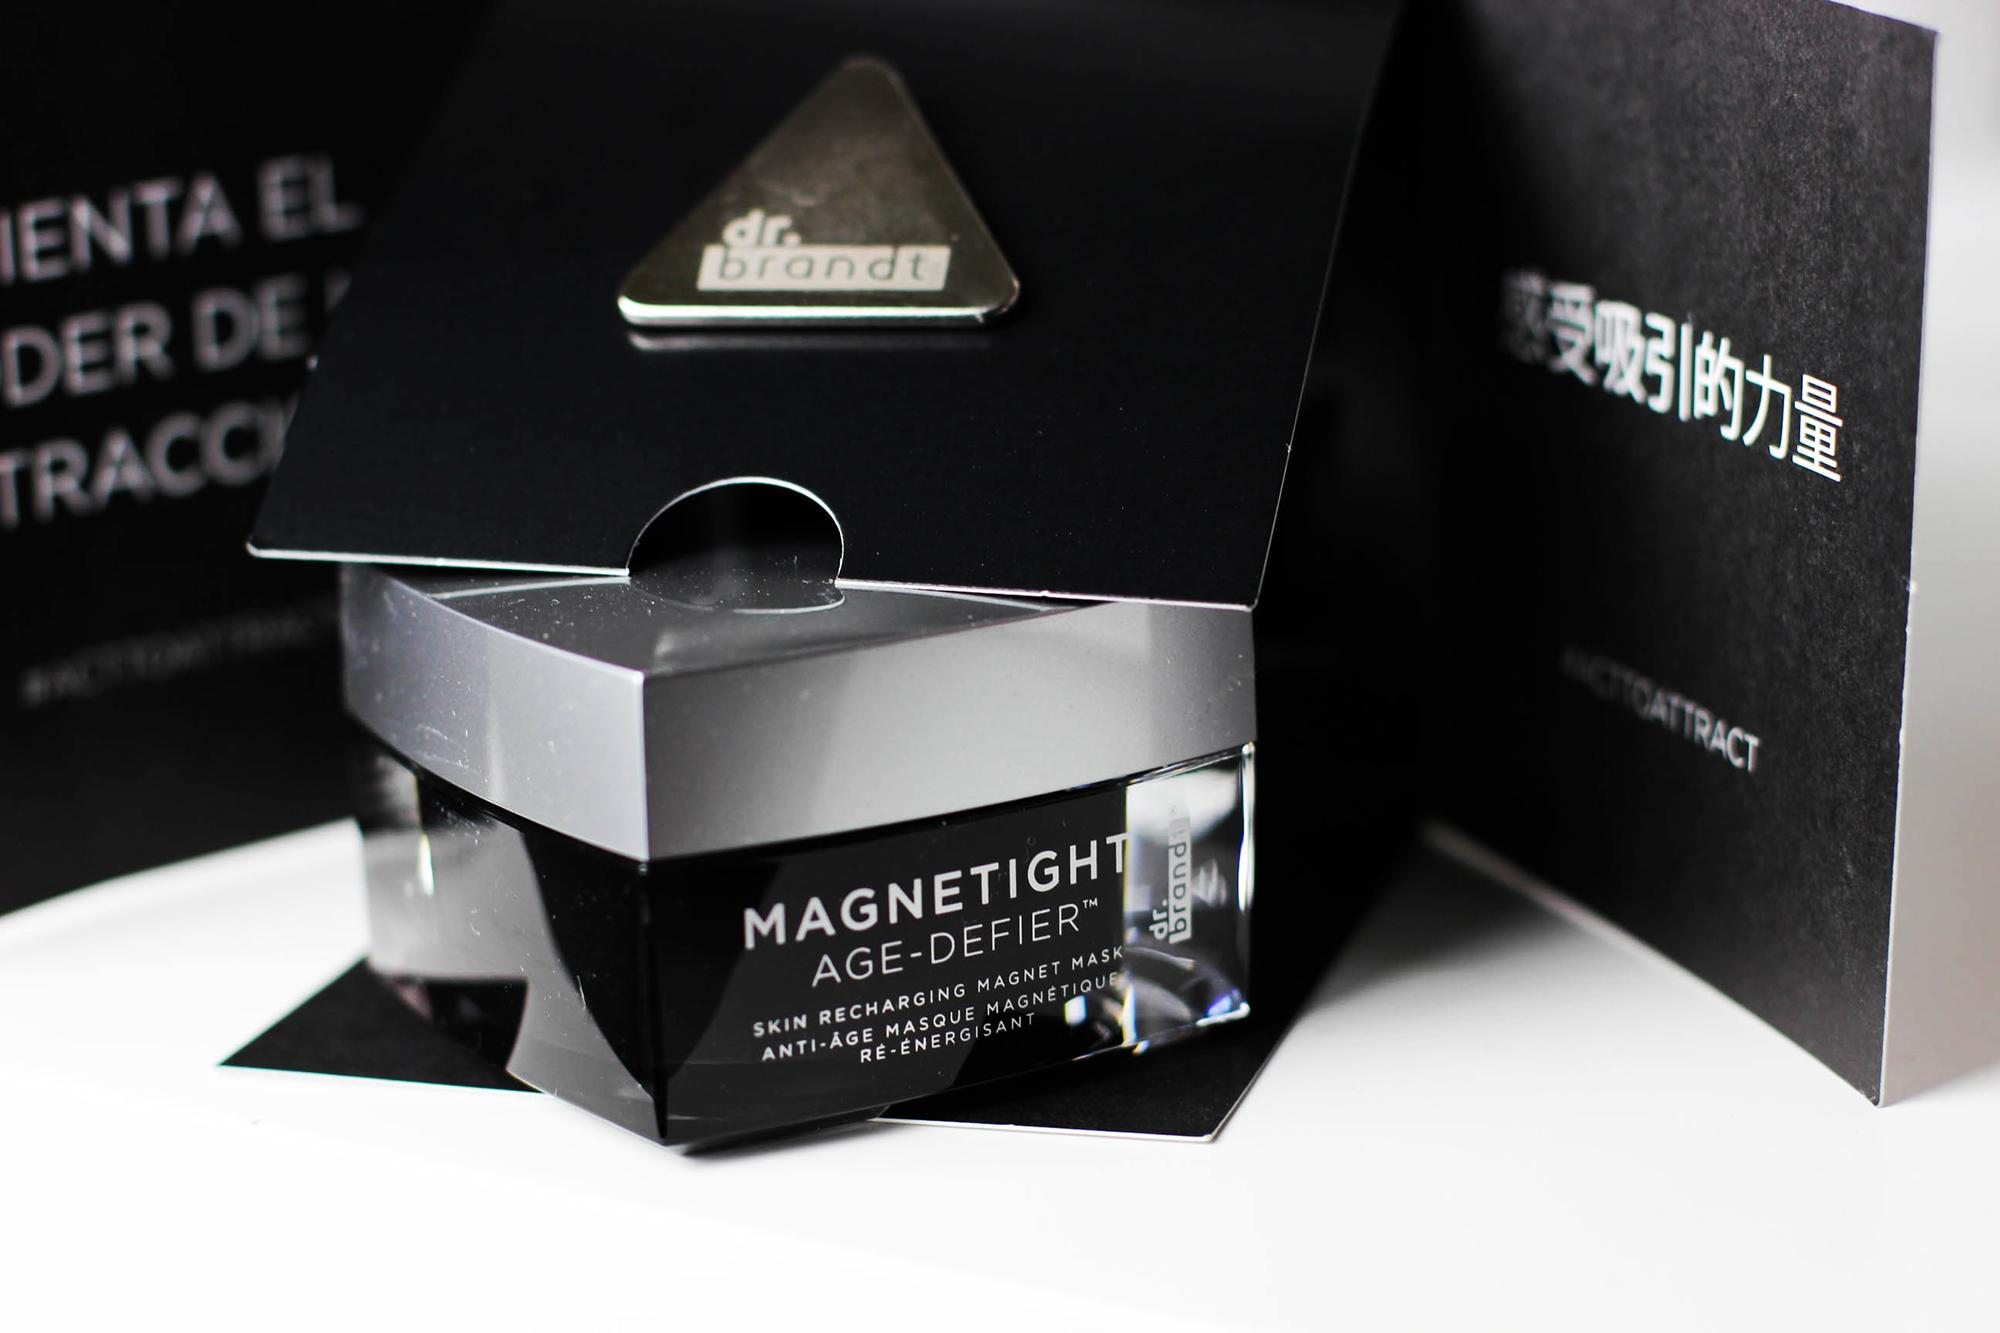 Magnetight_masque-Dr Brandt-5